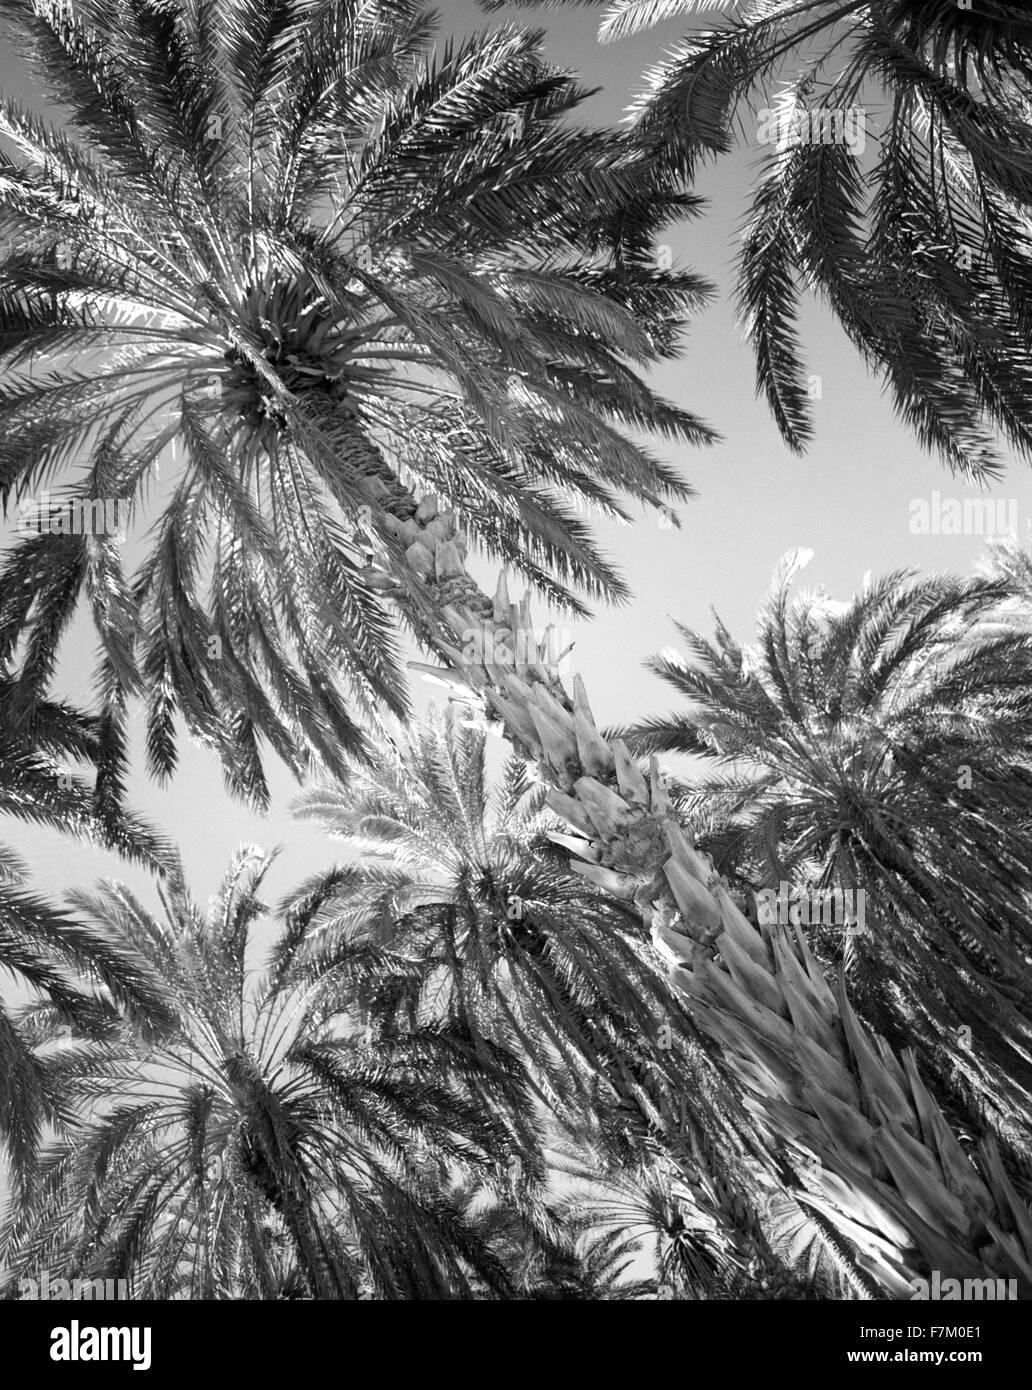 La palmeraie de Tozeur. Tozeur, Tunisie. Photo Stock